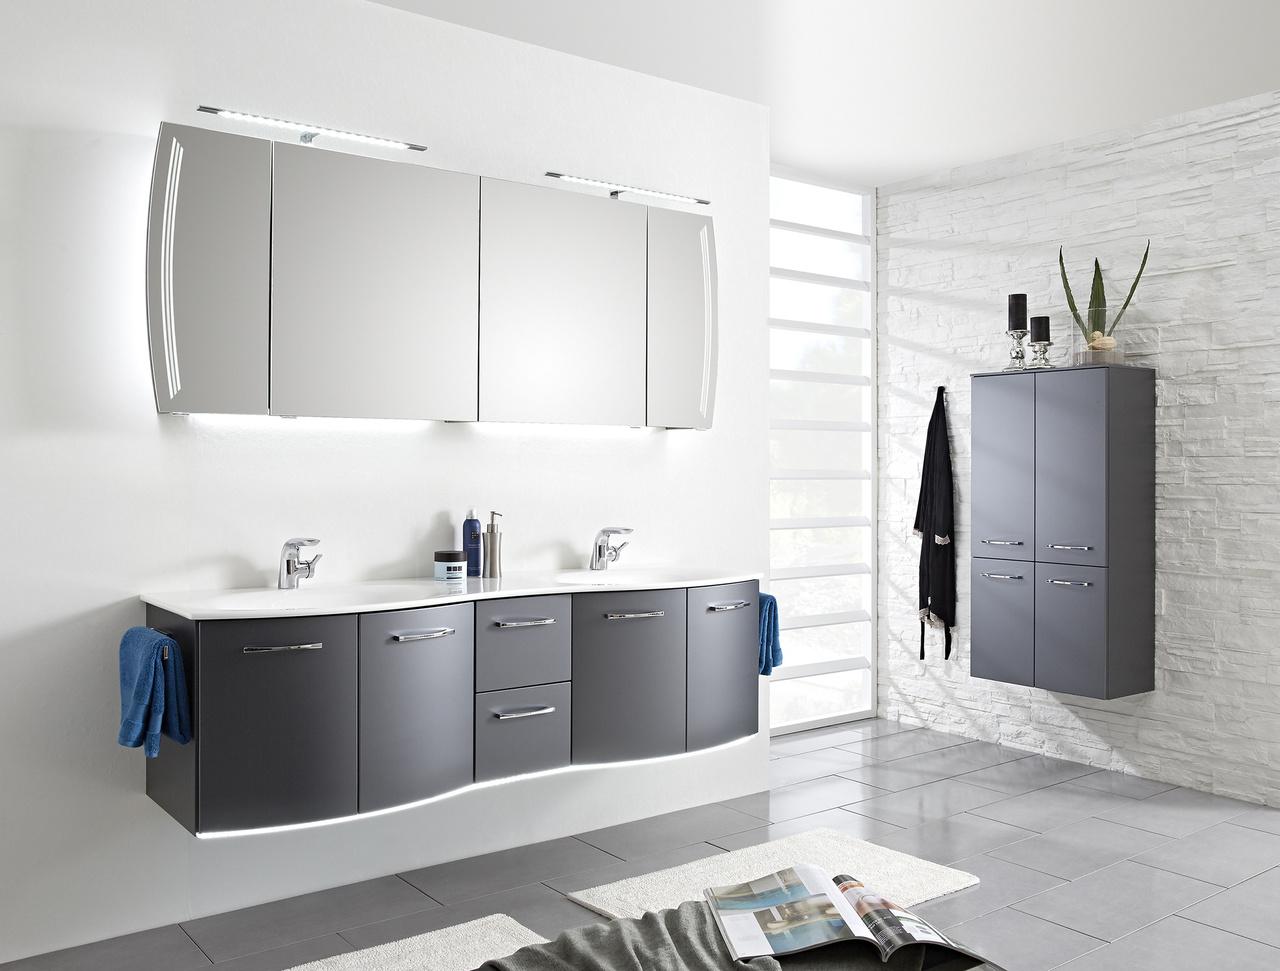 www pelipal de pelipal badm bel cassca solitaire badm. Black Bedroom Furniture Sets. Home Design Ideas